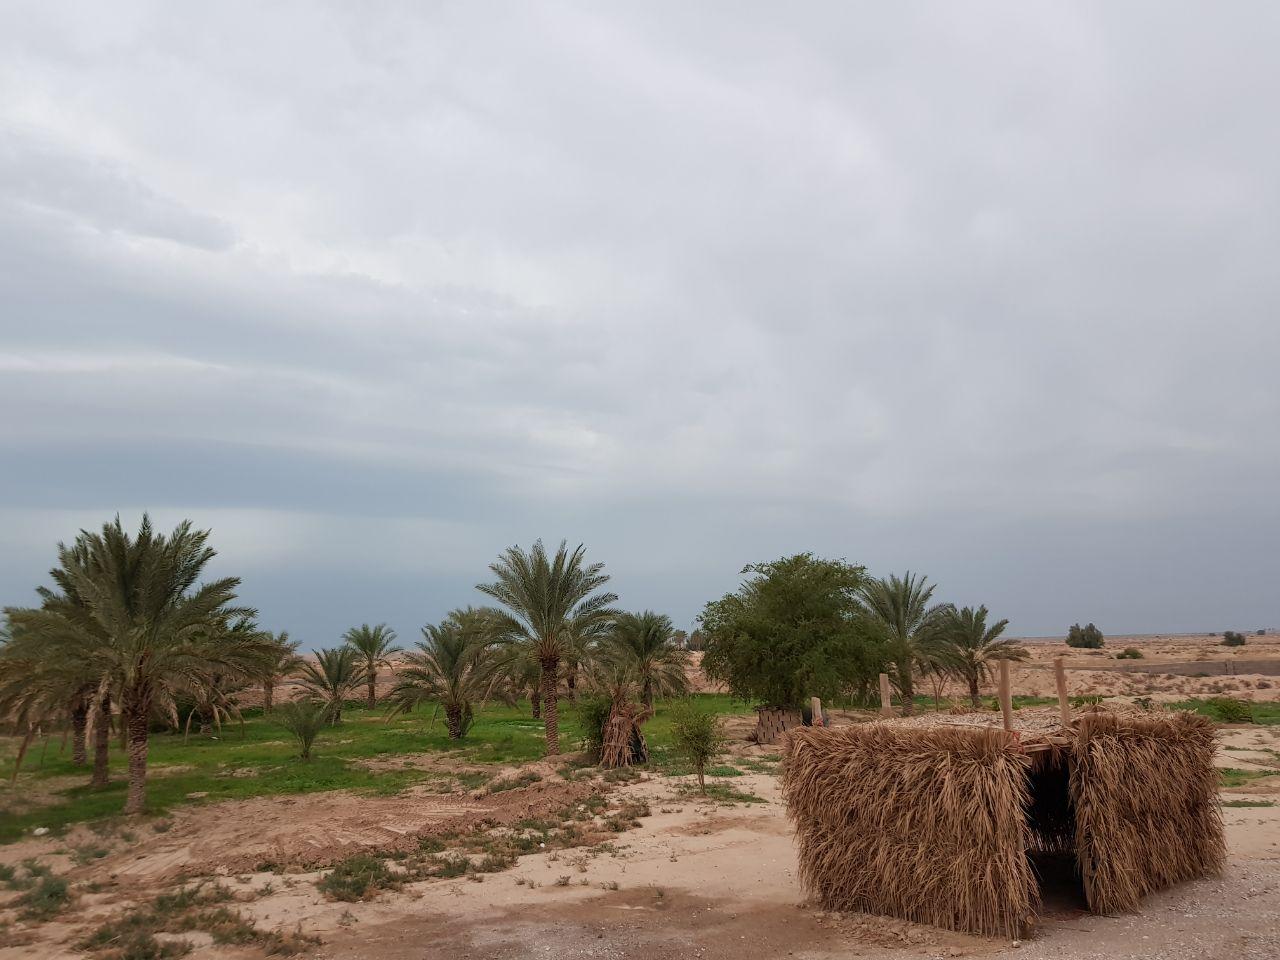 مهدی پارسا - عکس از سفر به بوشهر ۹۷ - Mehdi Parsa Bushehr trip